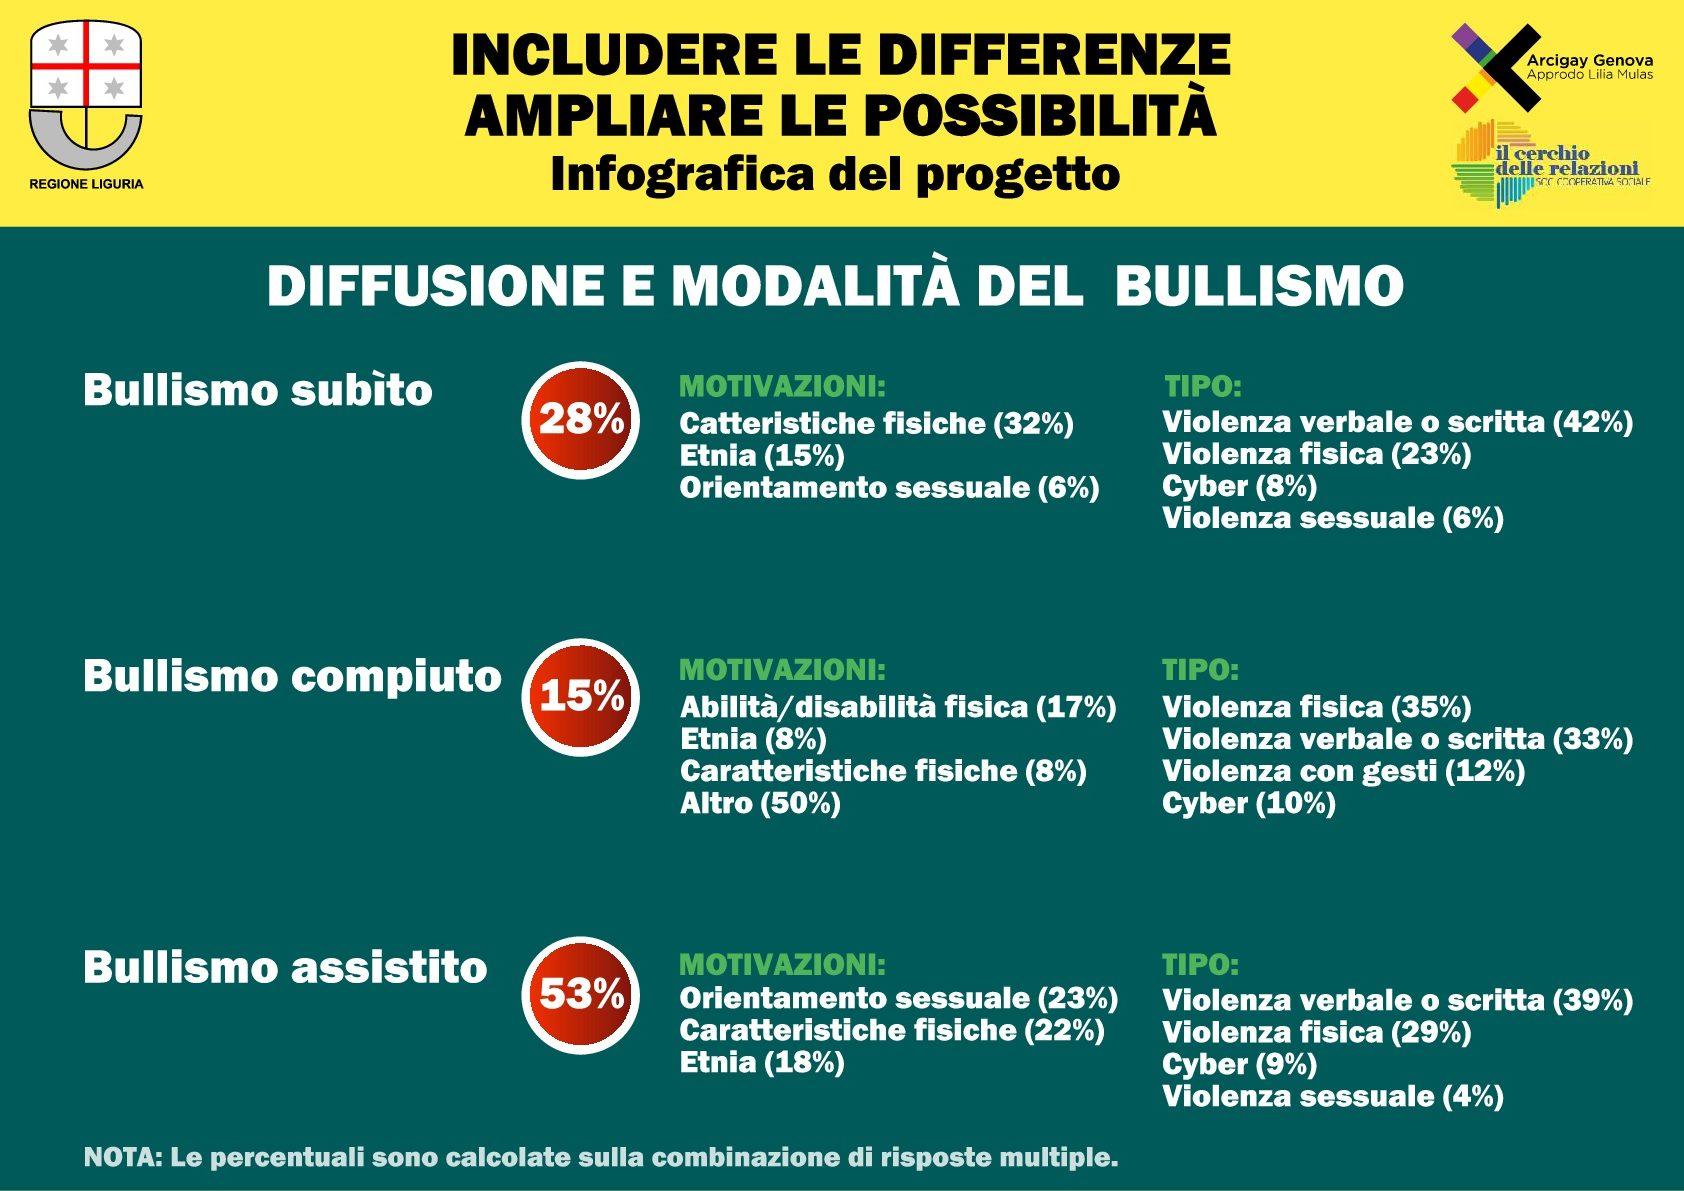 Questionario bullismo 2 - Diffusione e modalità del bullismo